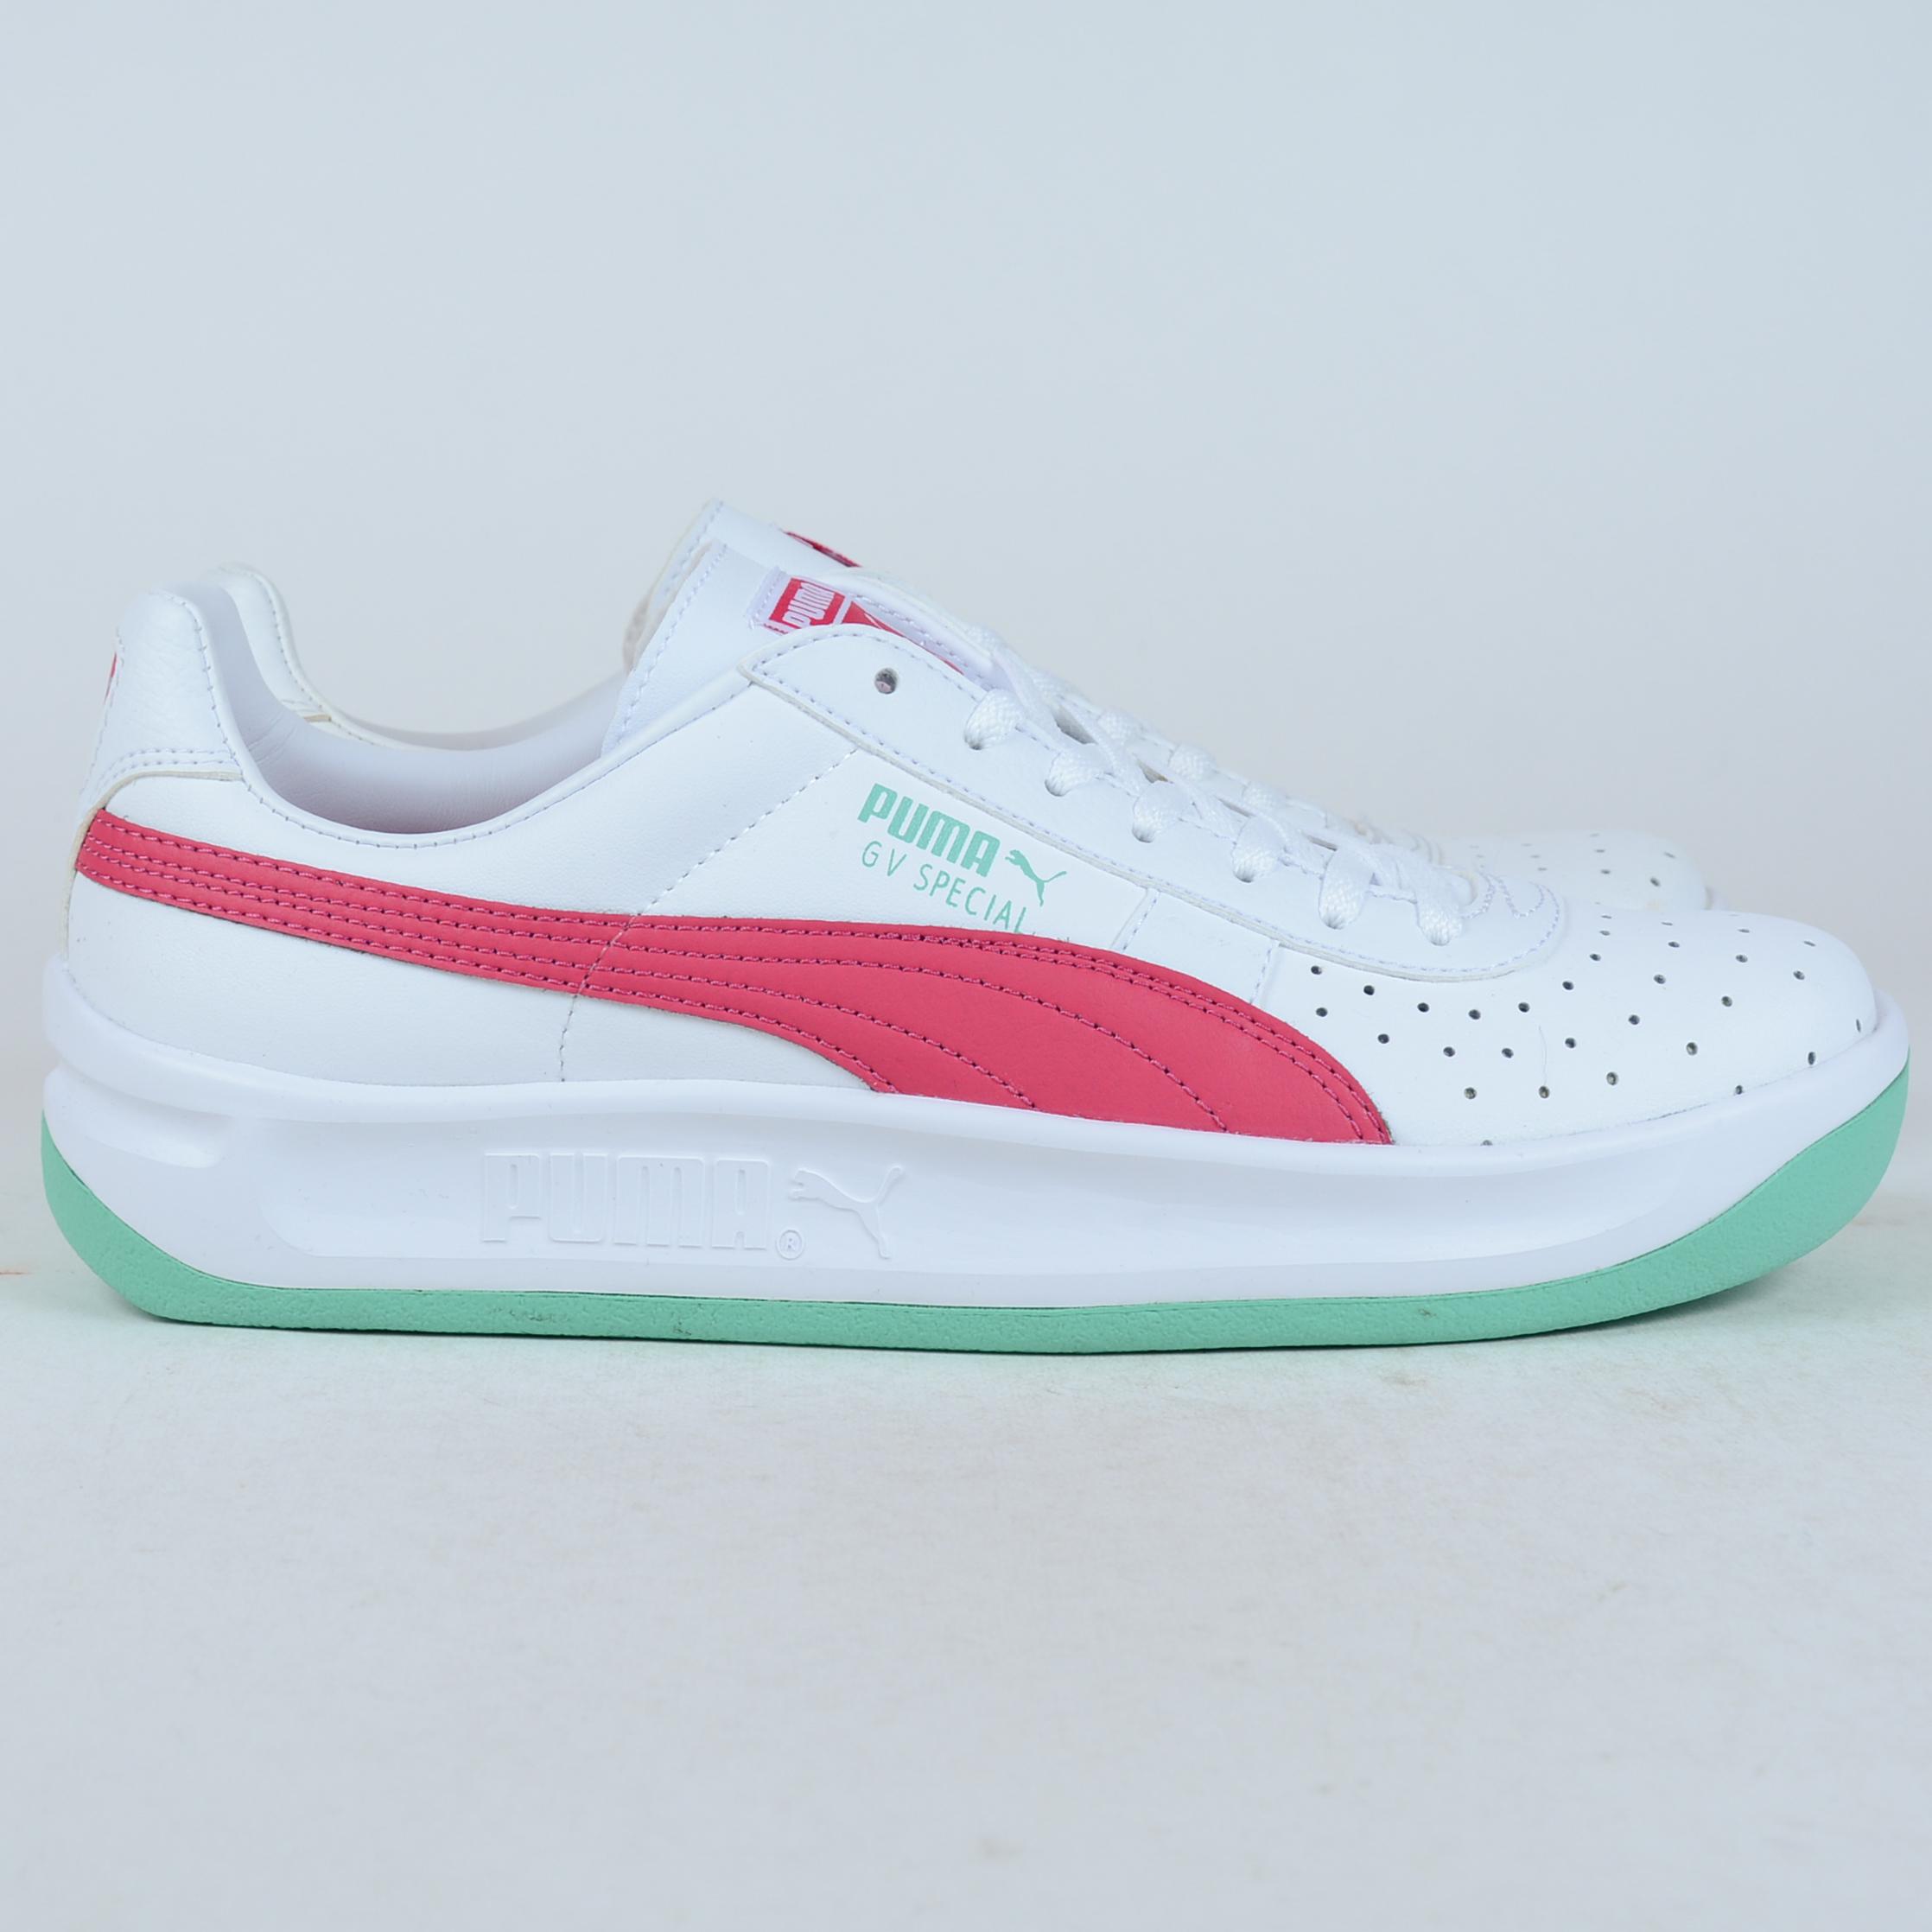 new concept 546b8 a77ec puma gv special white green